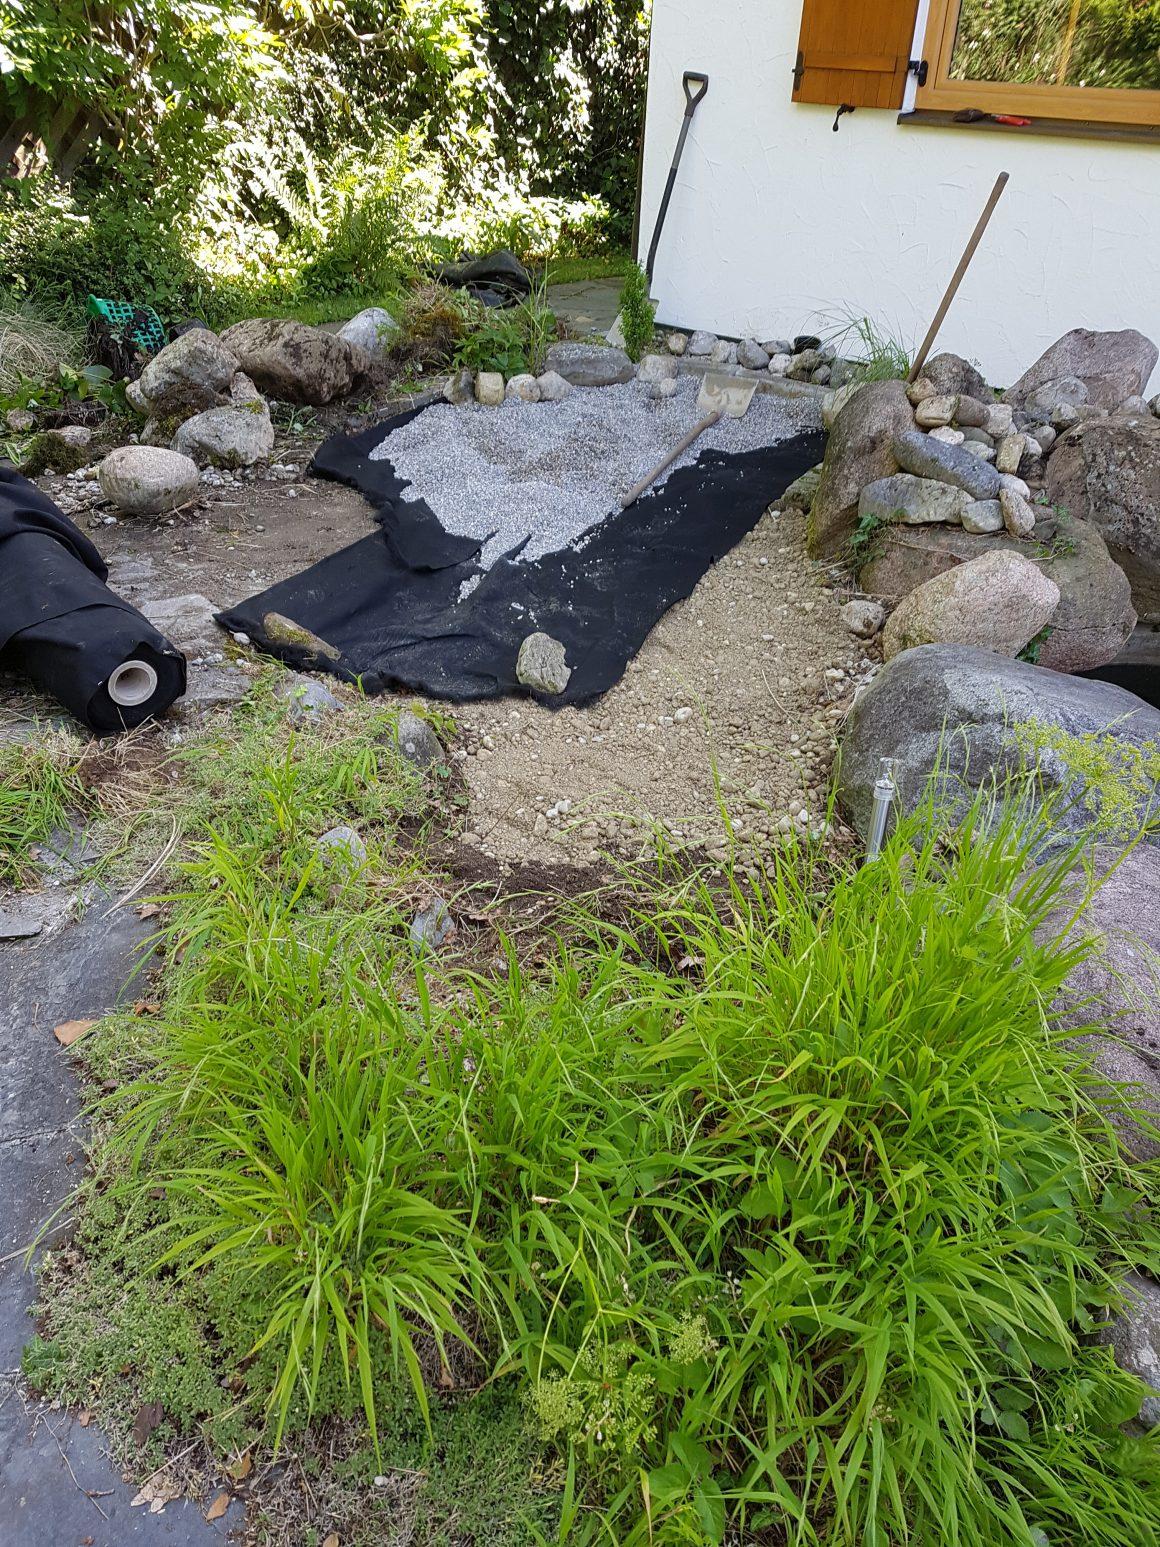 Teichbeckenauflösung mit Erstellung einer Kiesfläche zum Sonnen